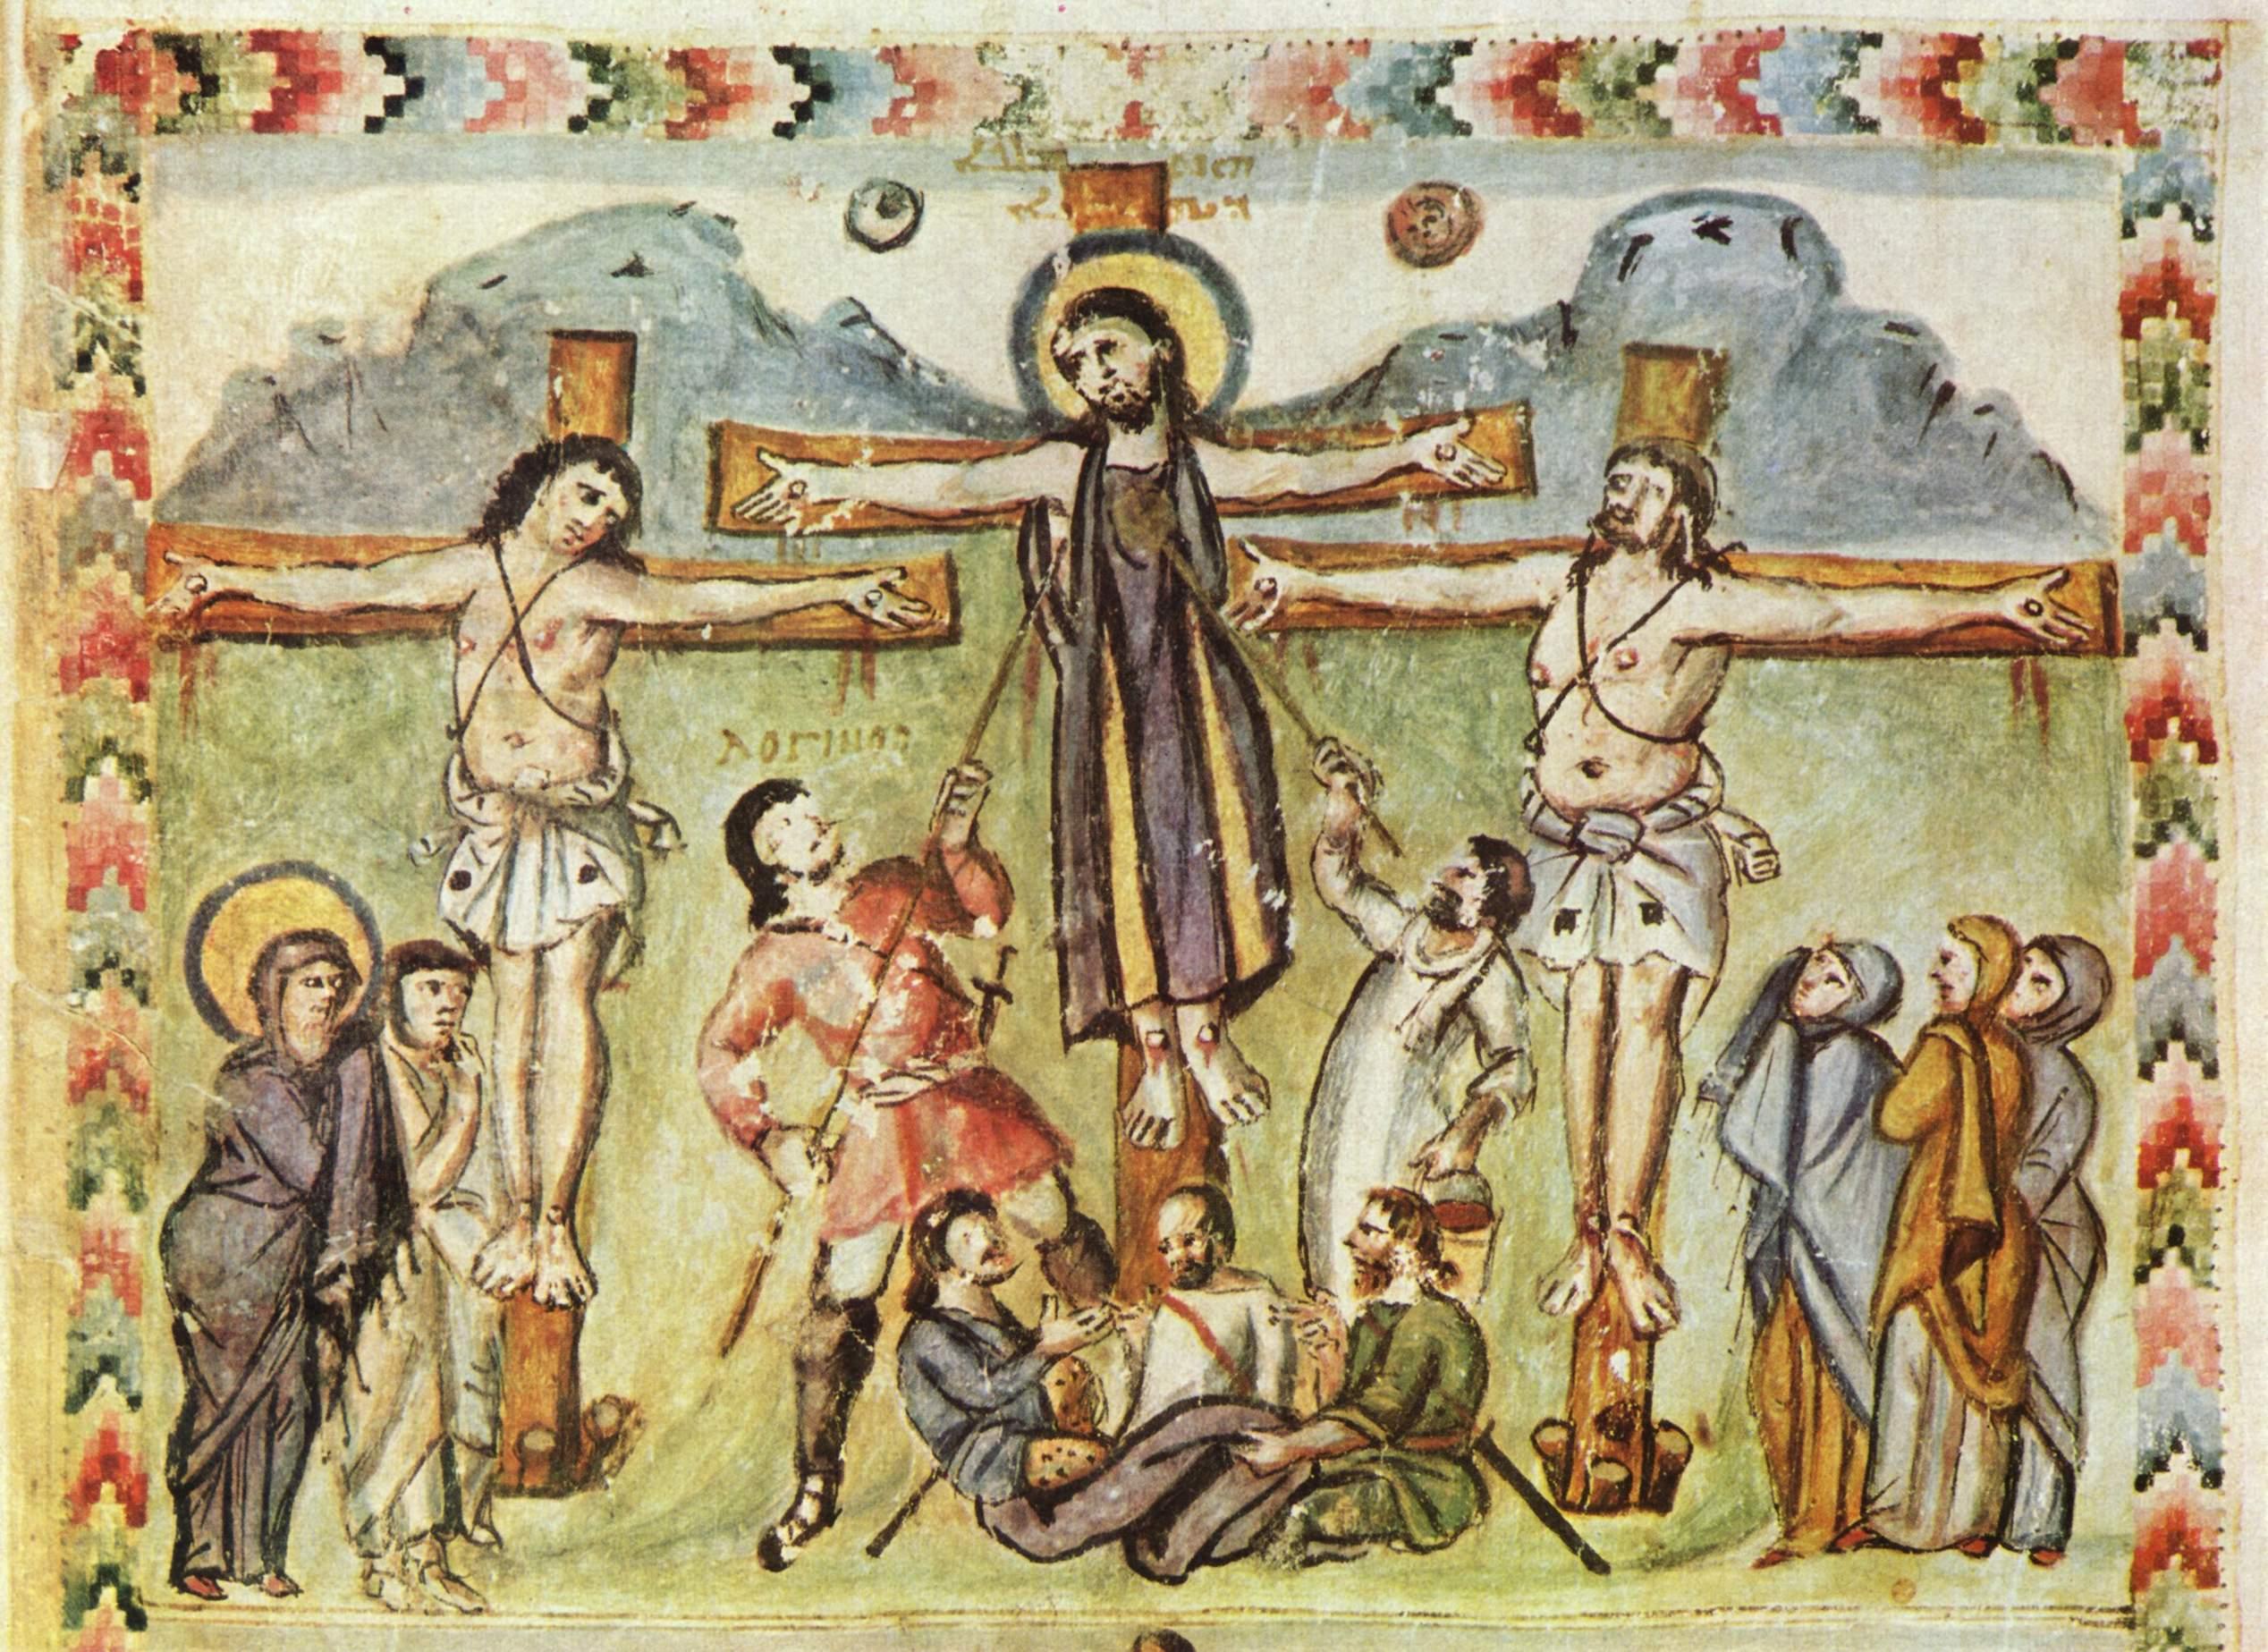 586, Evangelios de Rabbula (anónimo) (Biblioteca Medicea Laurenziana de Florencia)